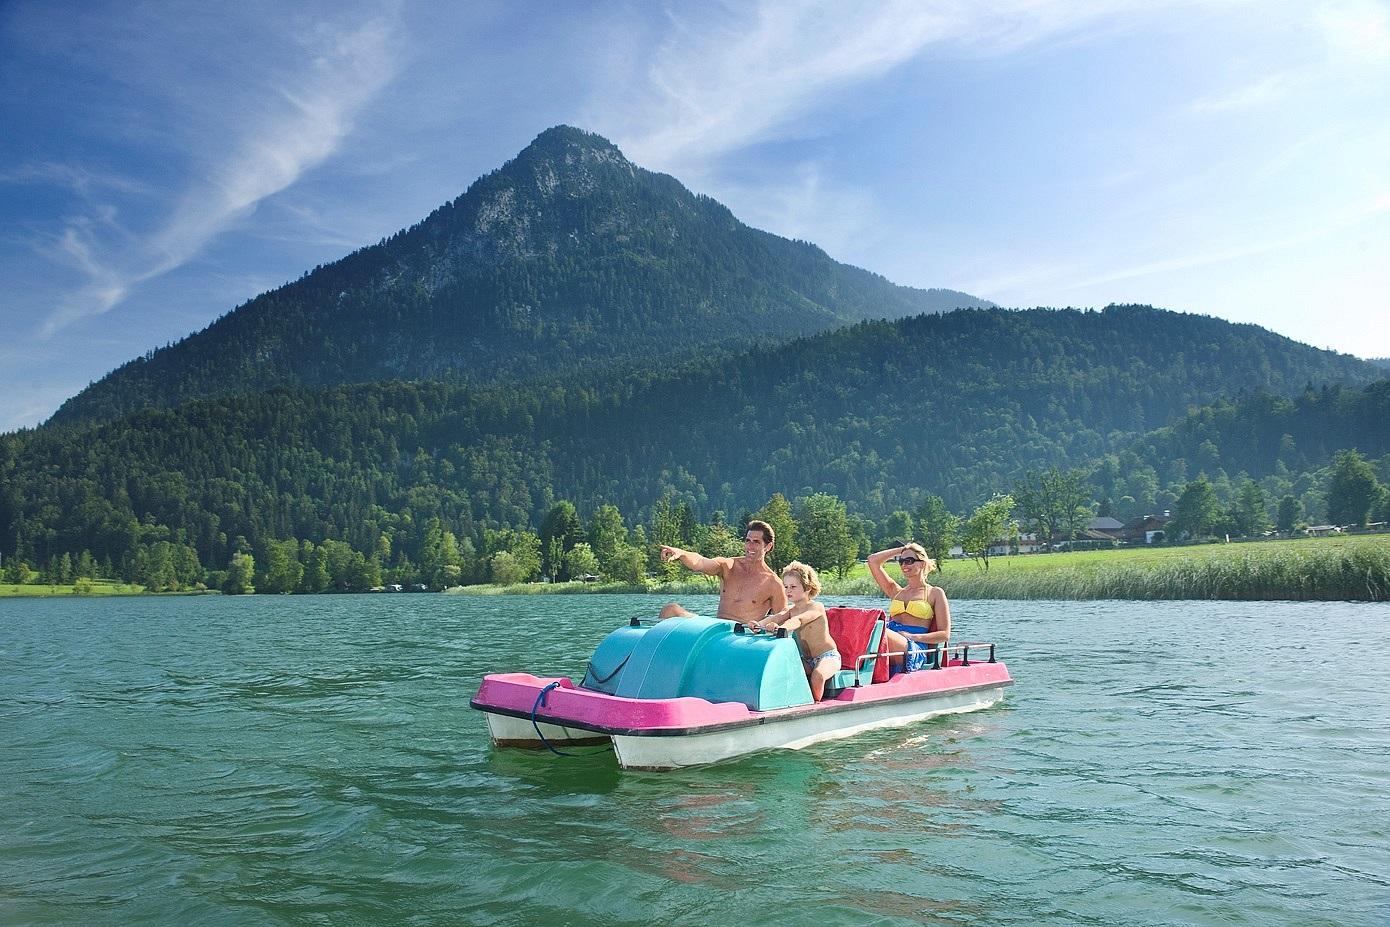 Der See lässt sich auch mit einem Boot erkunden